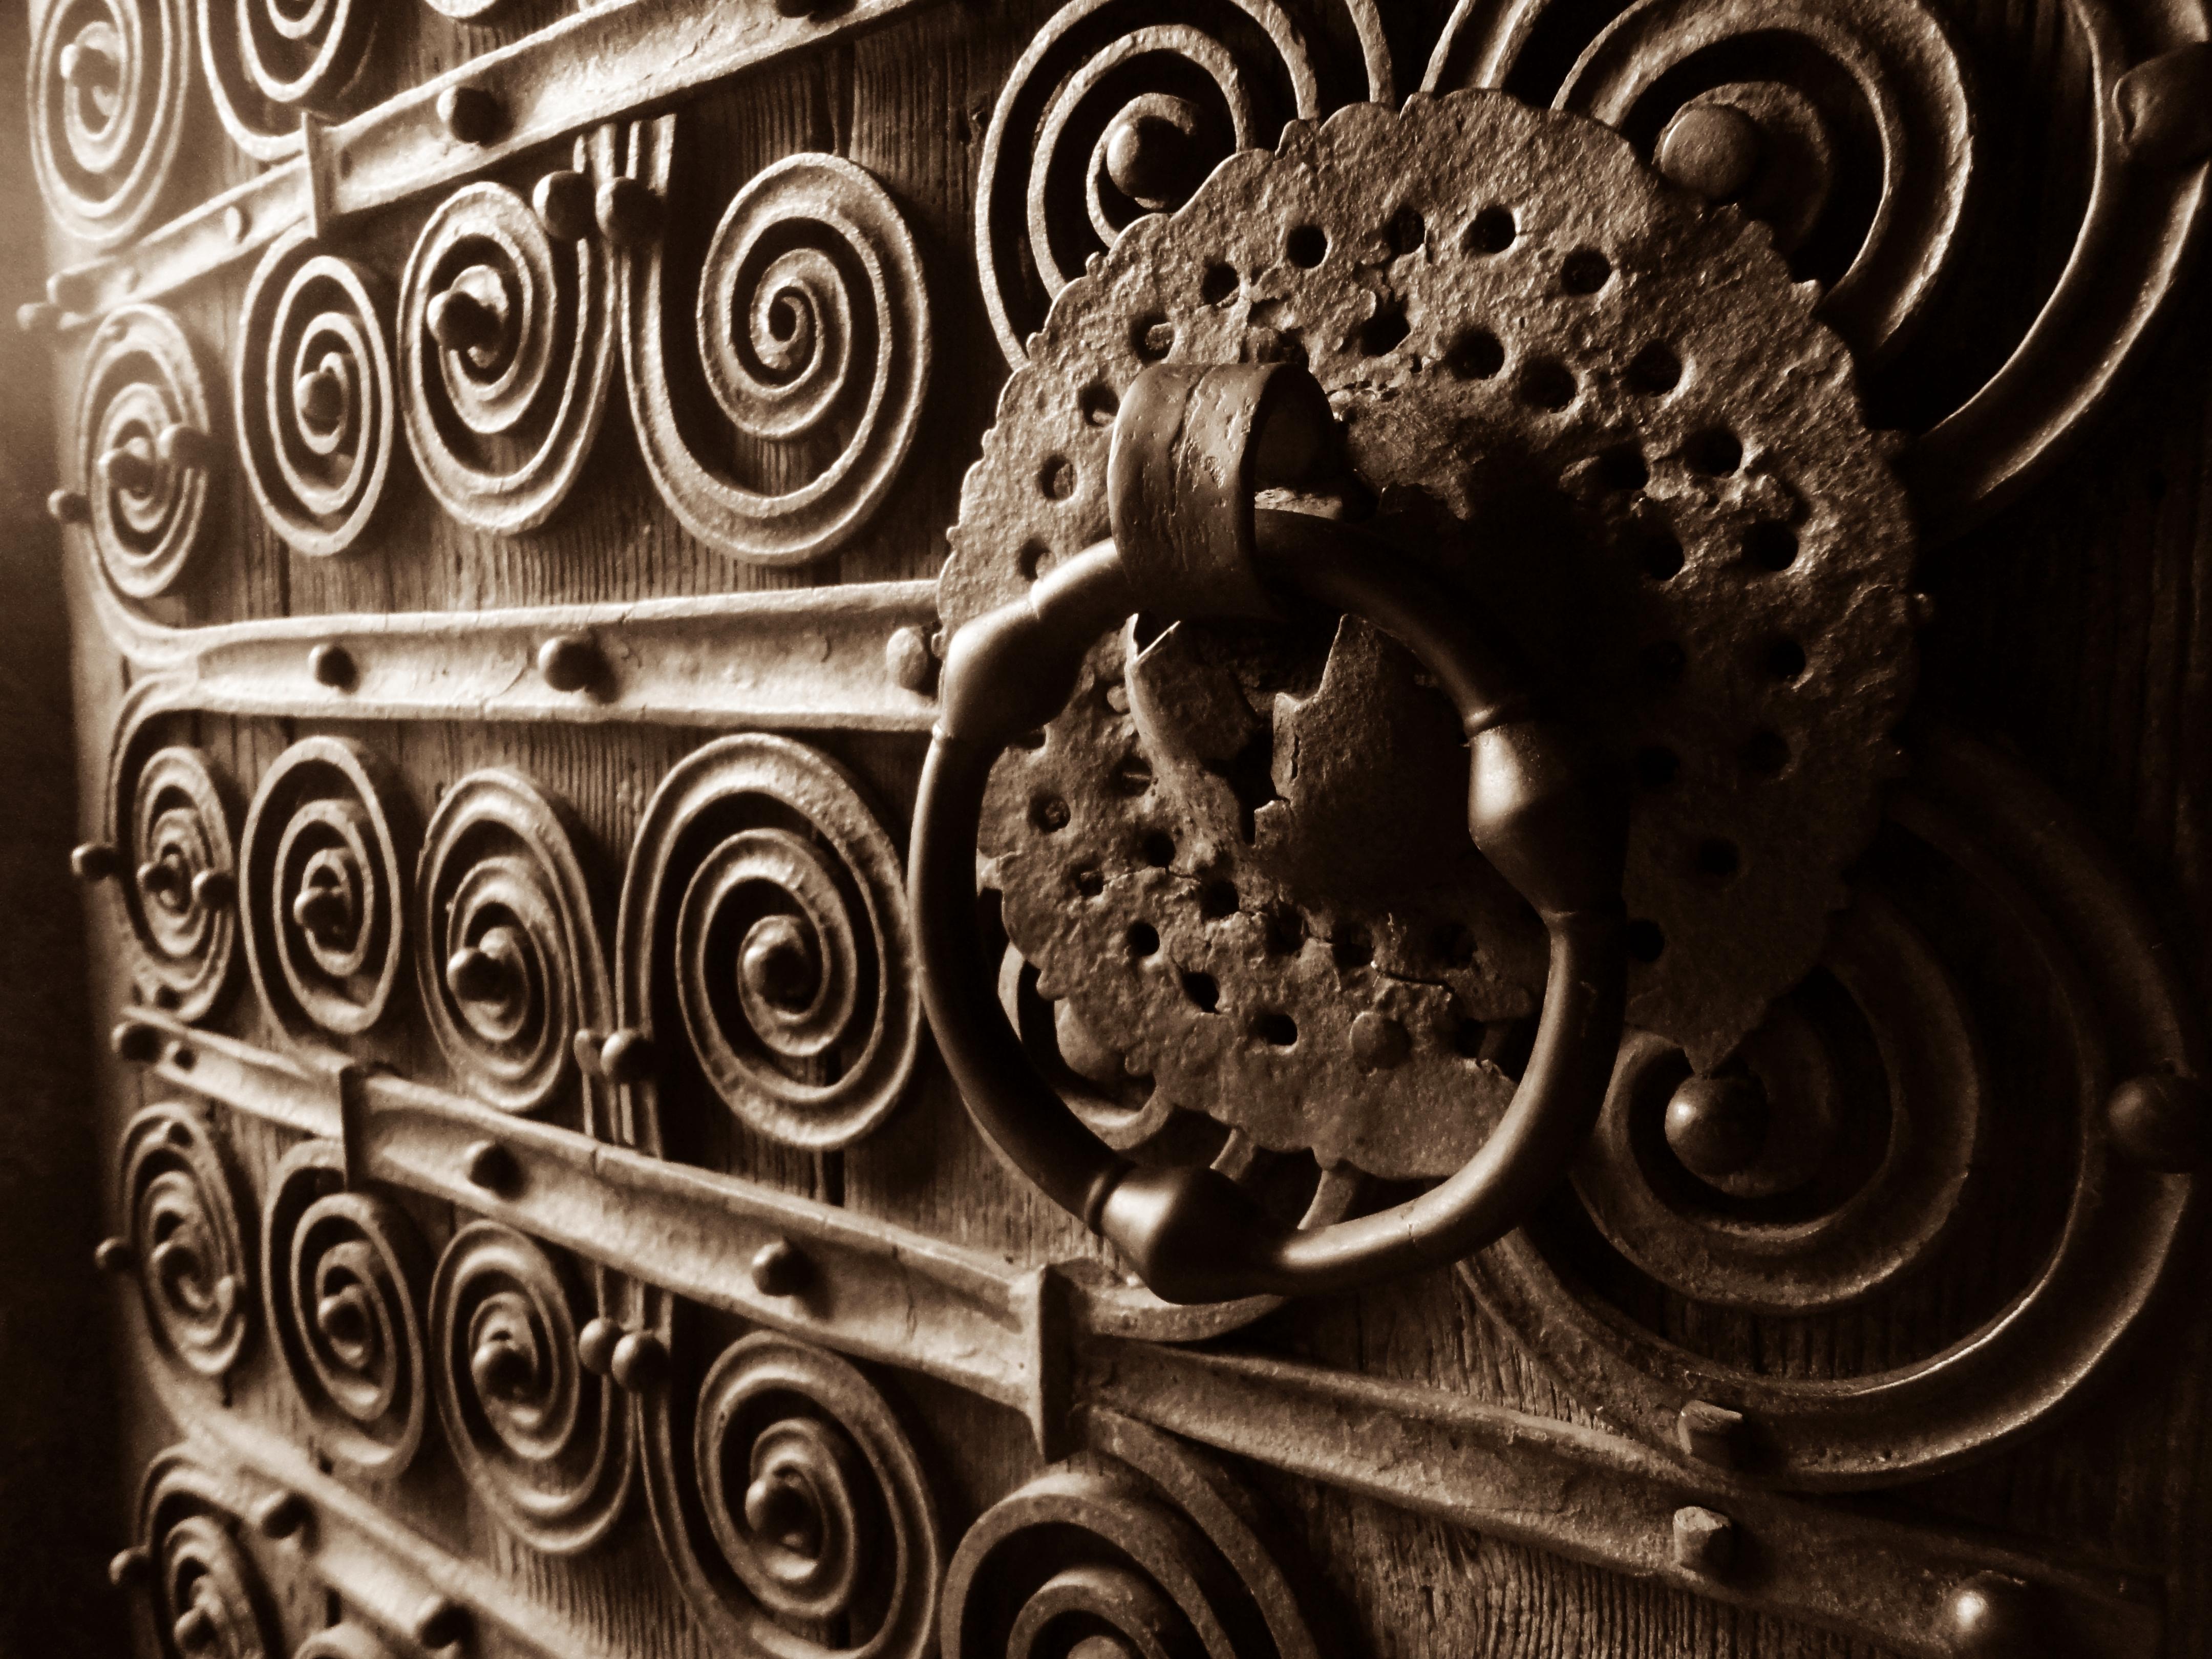 FileAntique door.JPG & File:Antique door.JPG - Wikimedia Commons